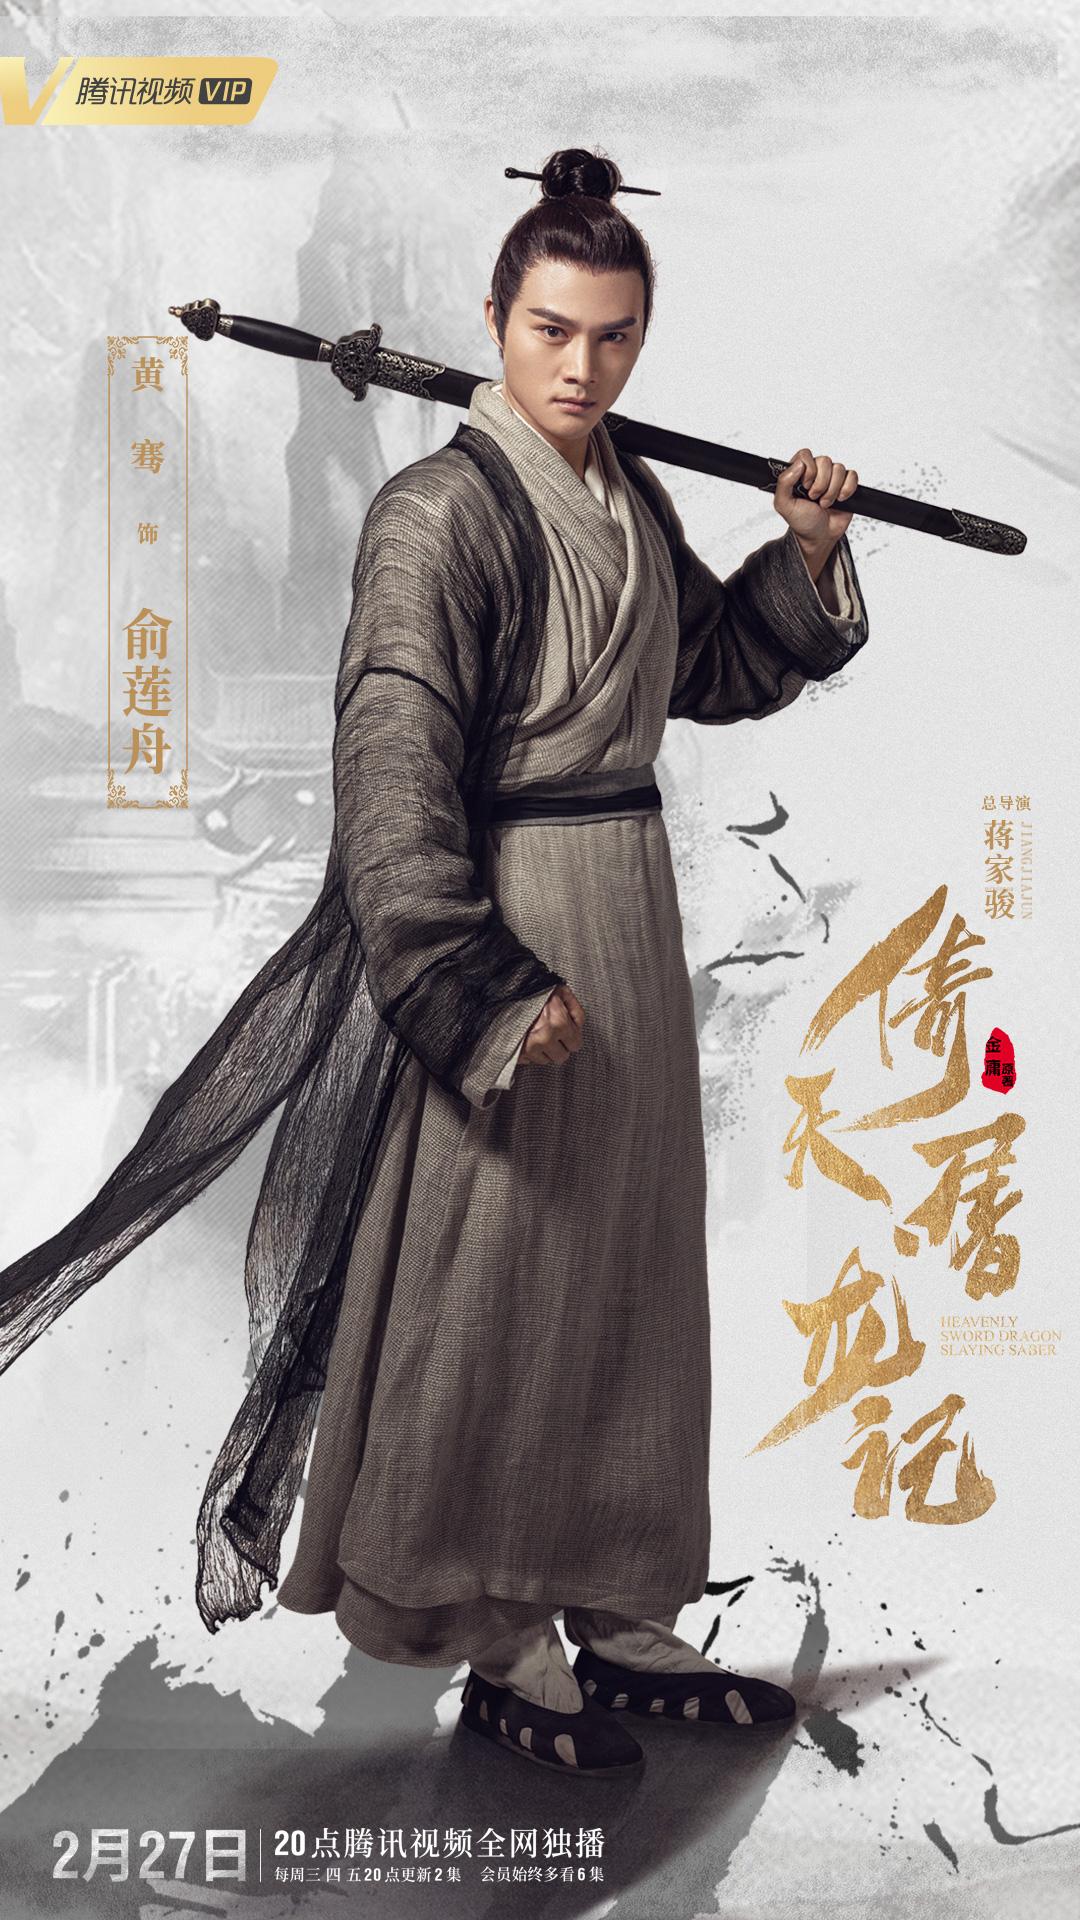 黄骞《新倚天》演经典角色俞莲舟 侠情万丈用情至深